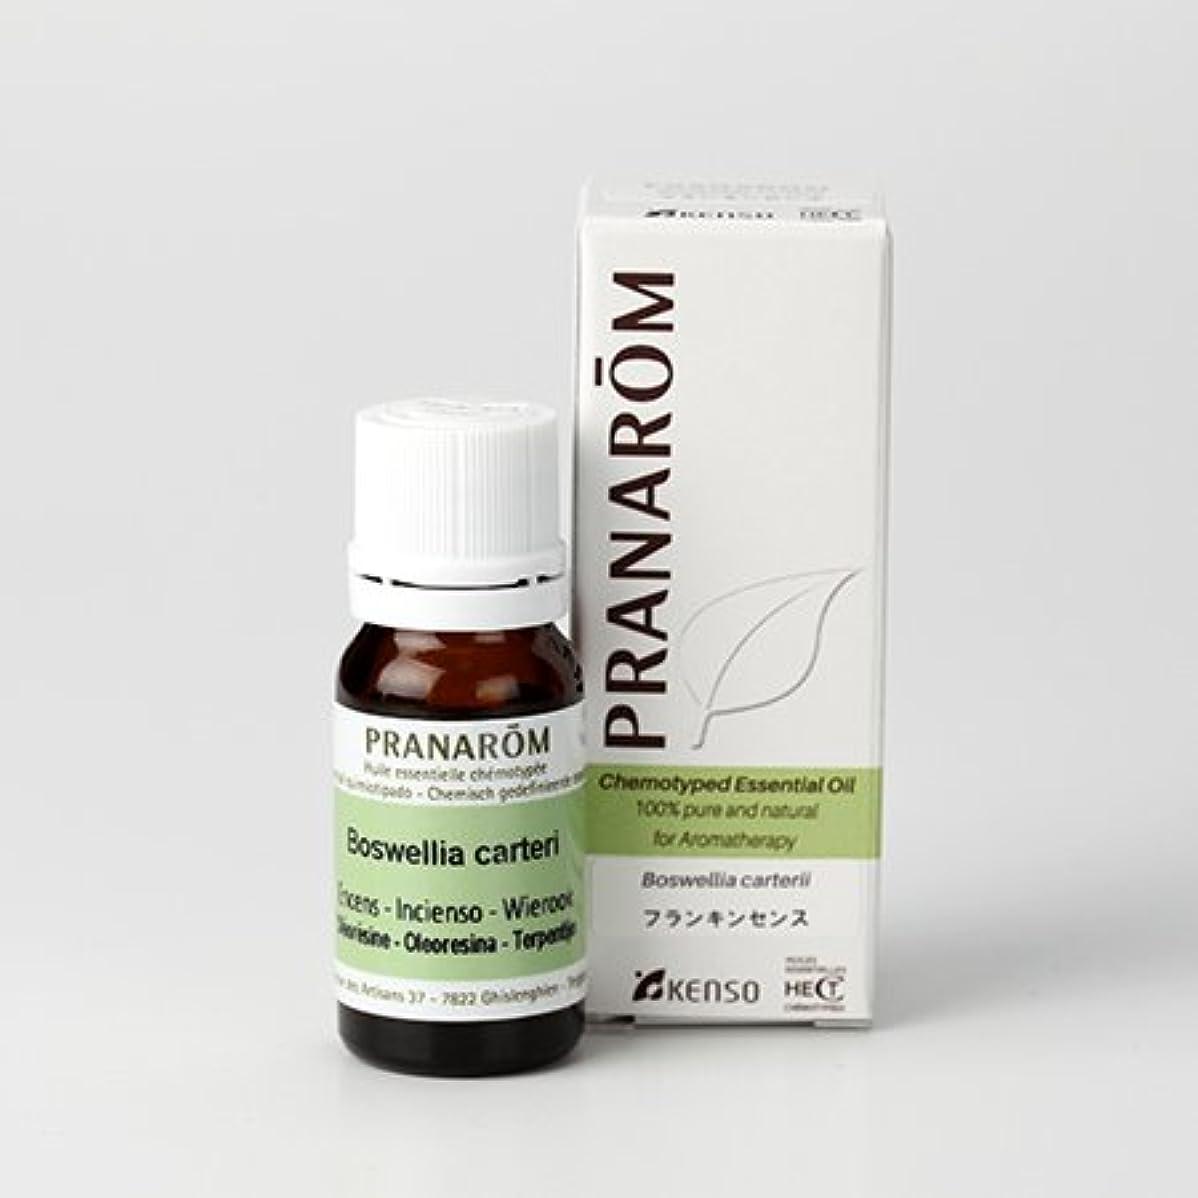 熱狂的なジャケット販売員プラナロム ( PRANAROM ) 精油 フランキンセンス 10ml p-20